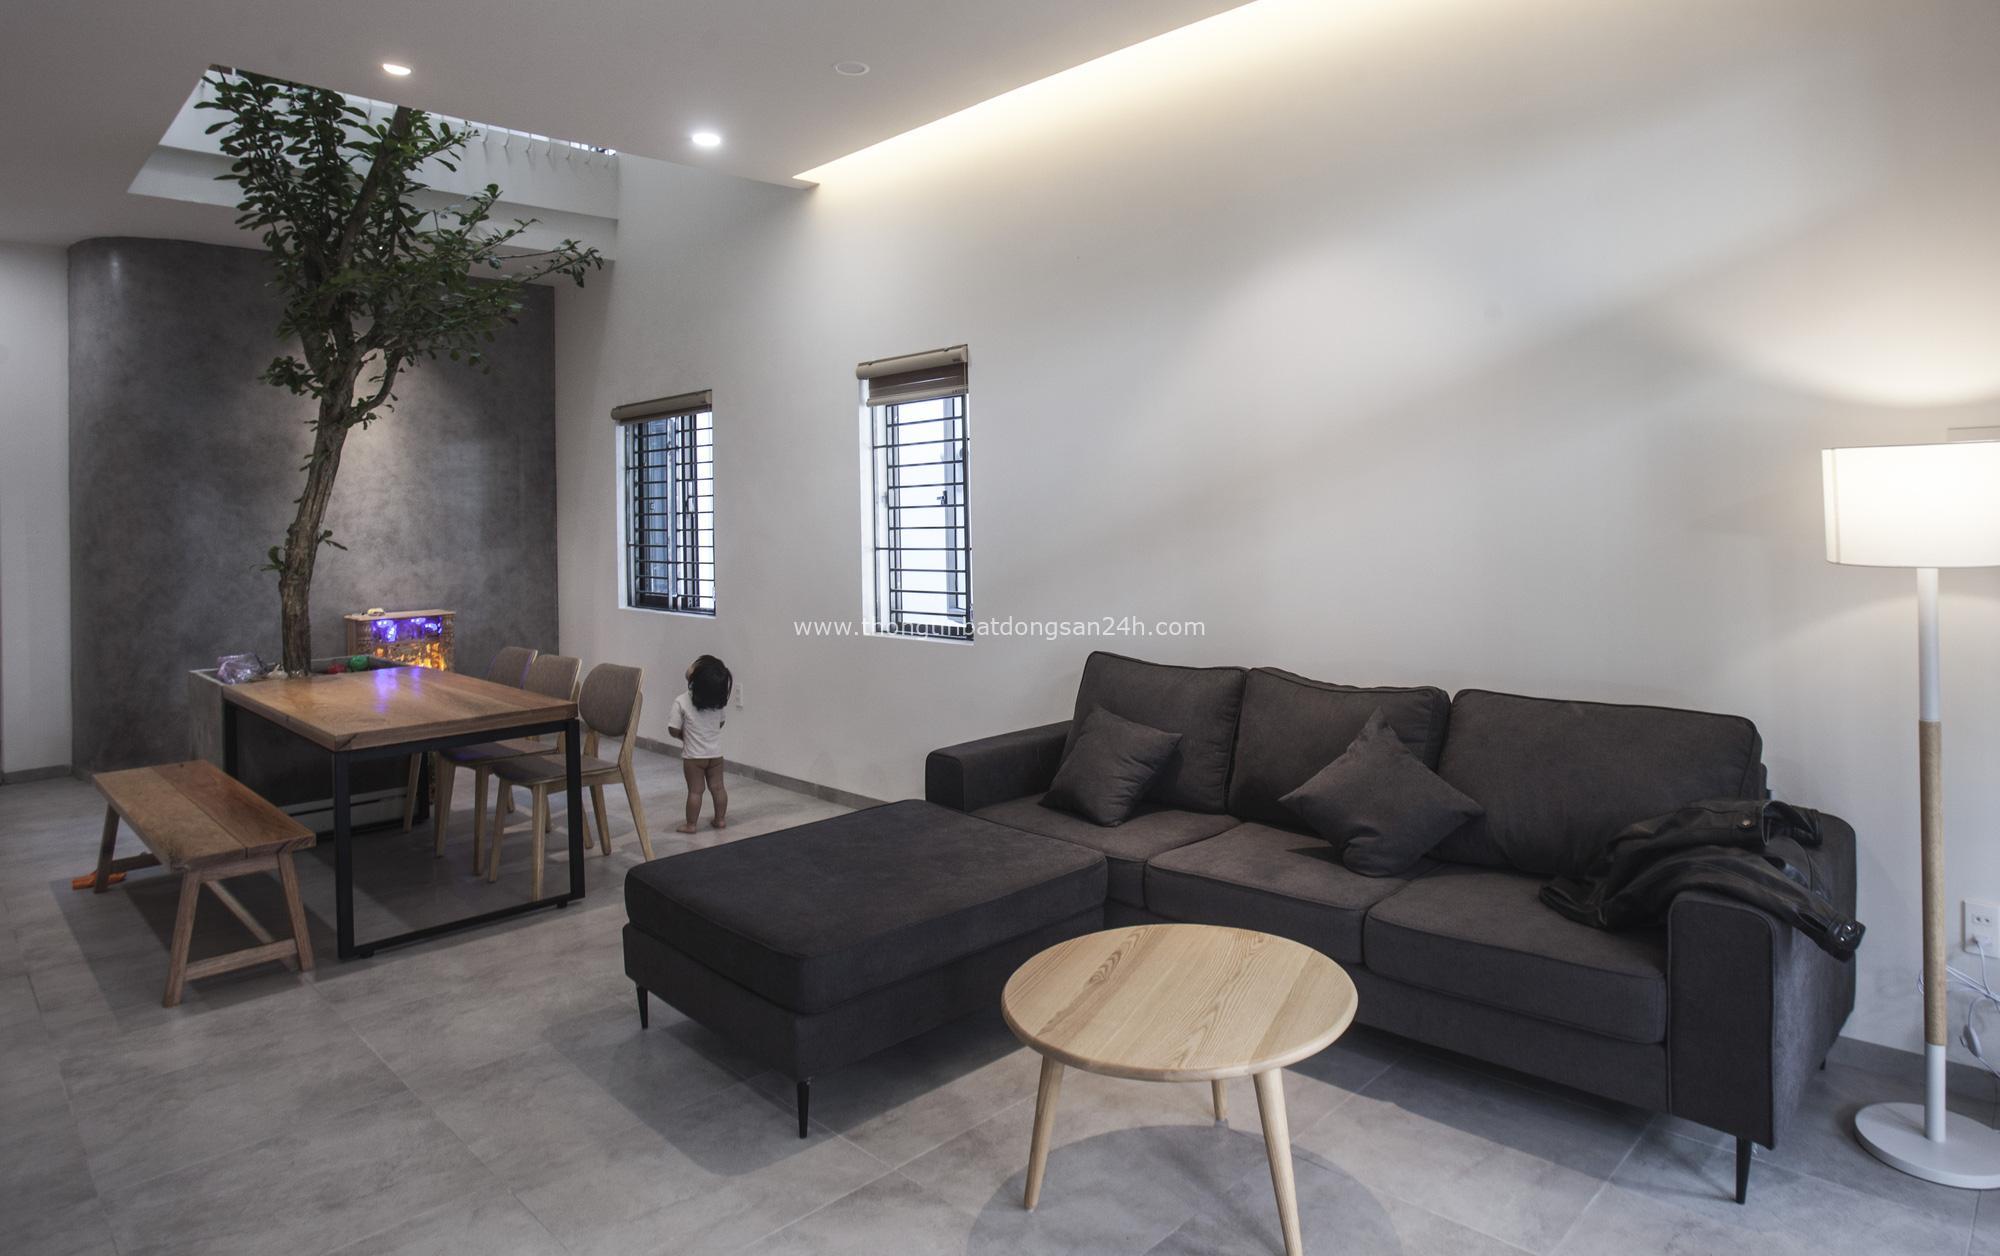 Ngôi nhà 2,5 tầng với tổng diện tích 240m2 đẹp sang trọng và tối giản ở Đà Nẵng - Ảnh 4.